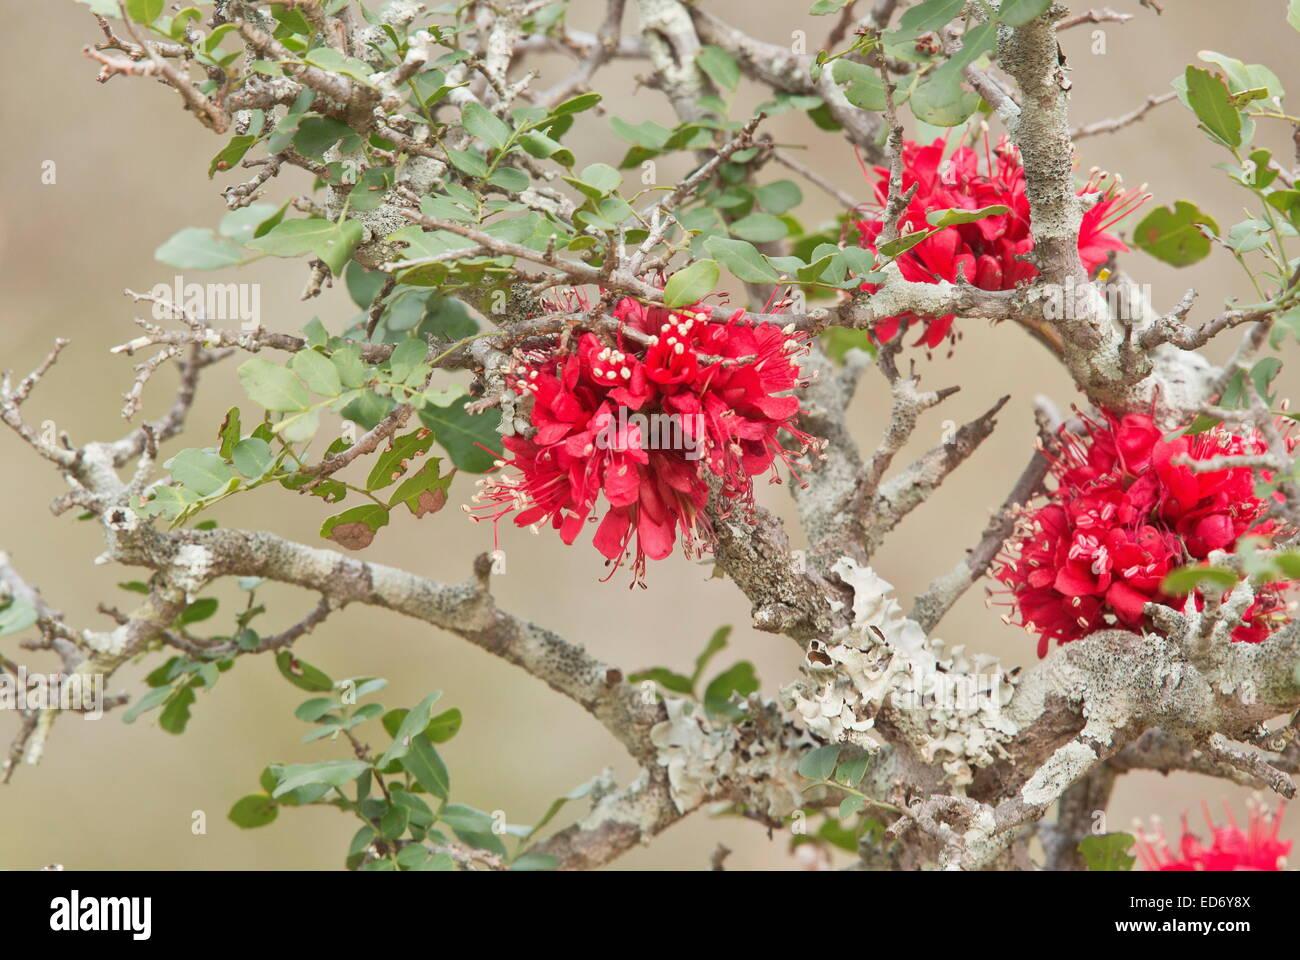 Drunk Parrot Tree, pleurant, boerbean Schotia brachypetala, Kruger National Park, Afrique du Sud Photo Stock